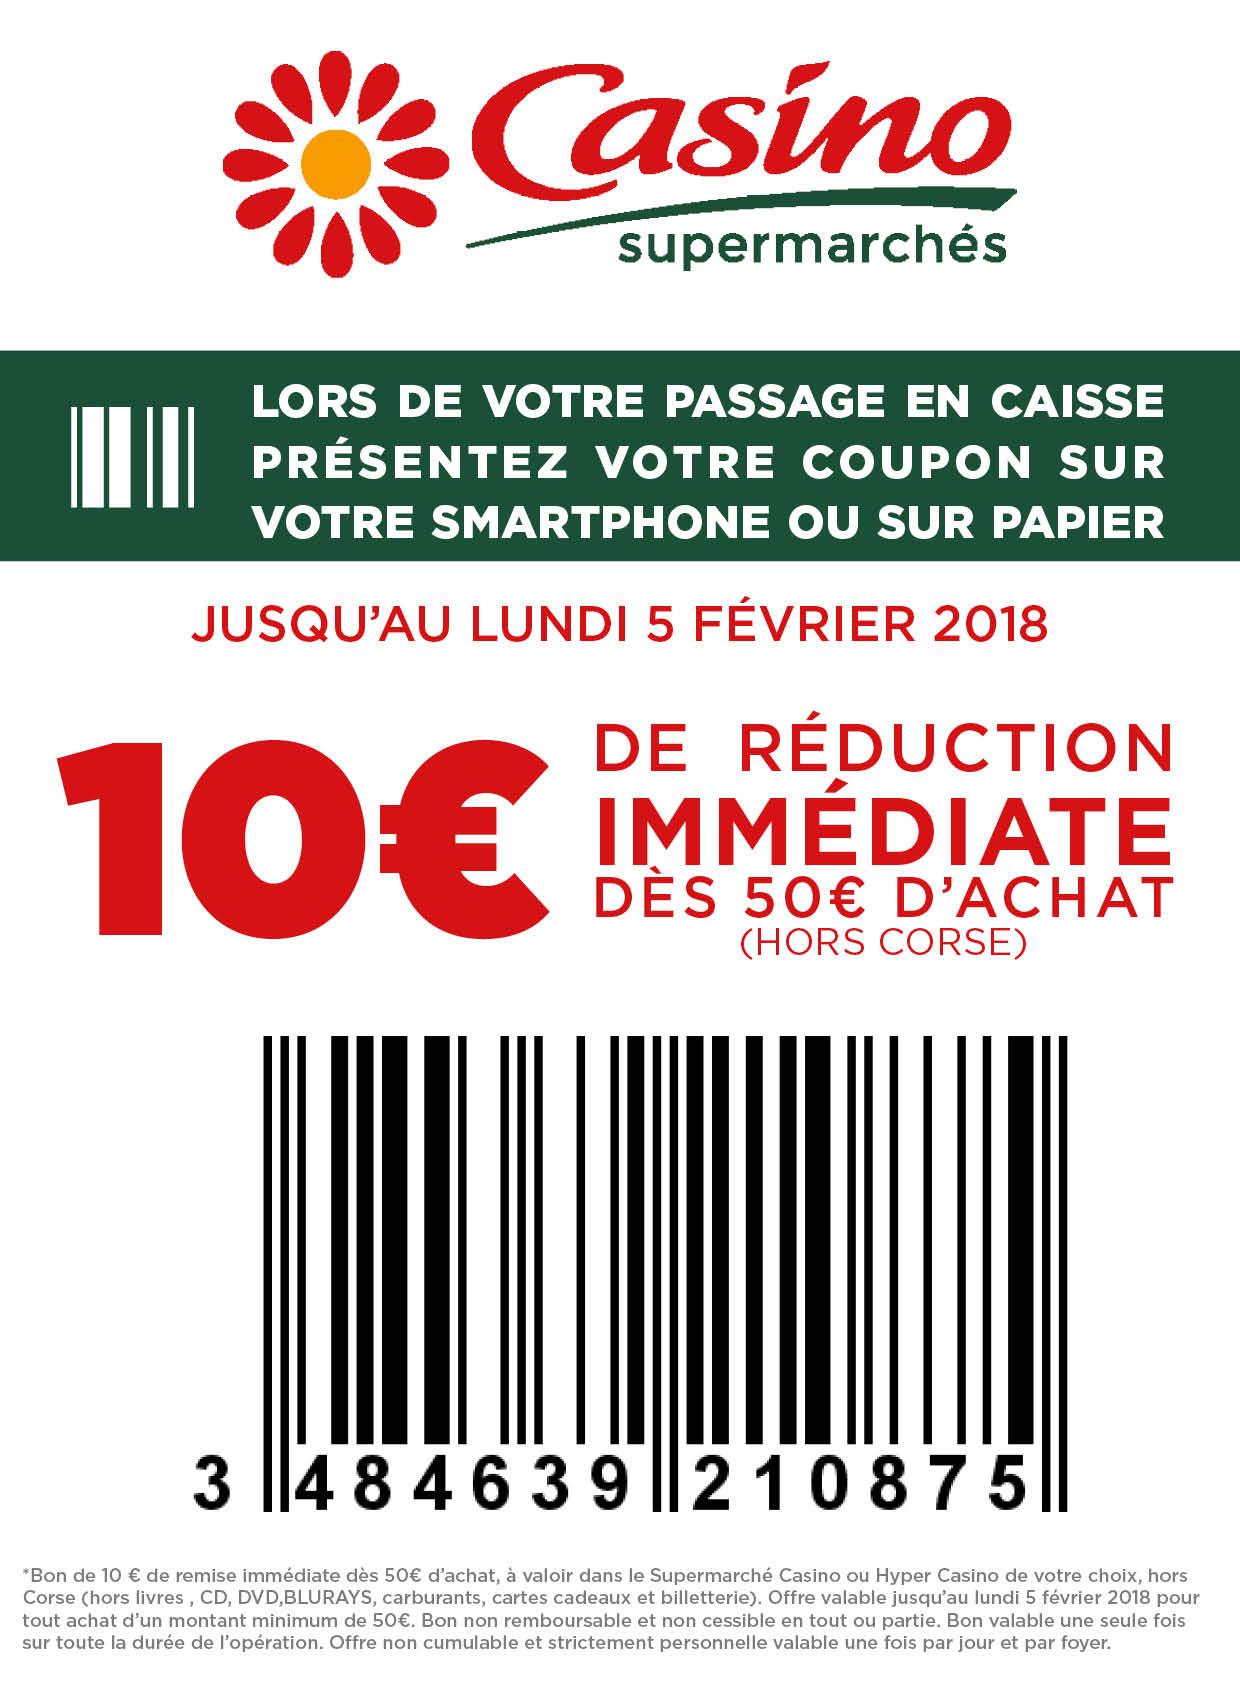 Géant Casino | Promotions, Catalogues, Magasins, Drive